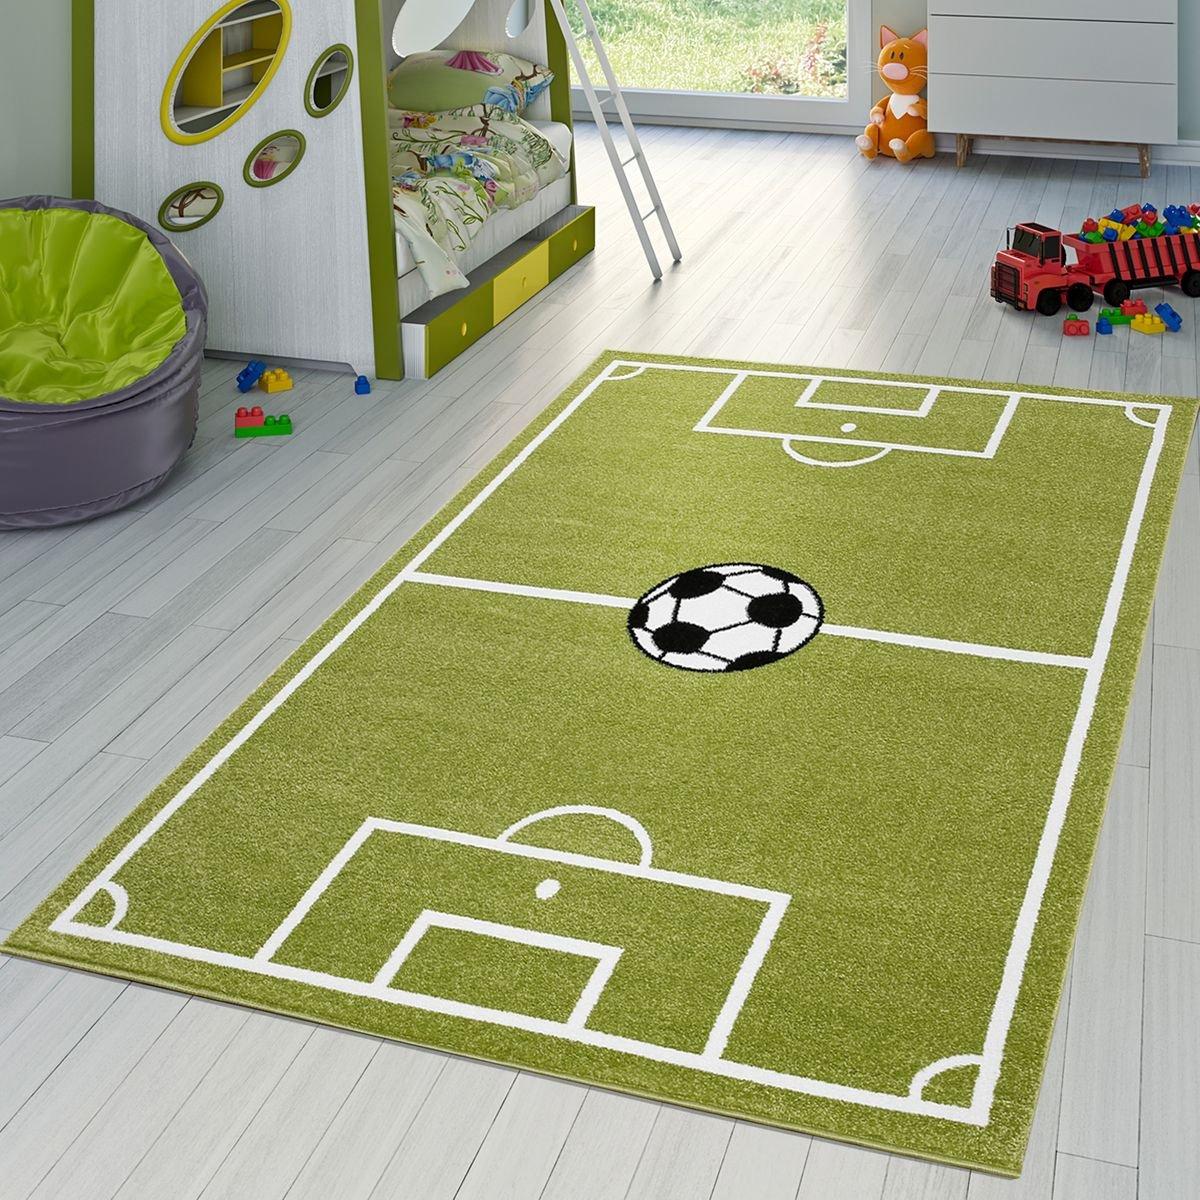 T&T Design Kinder Teppich Fußball Spielen Kinderzimmerteppiche Fußballplatz in Grün Creme, Größe 240x320 cm